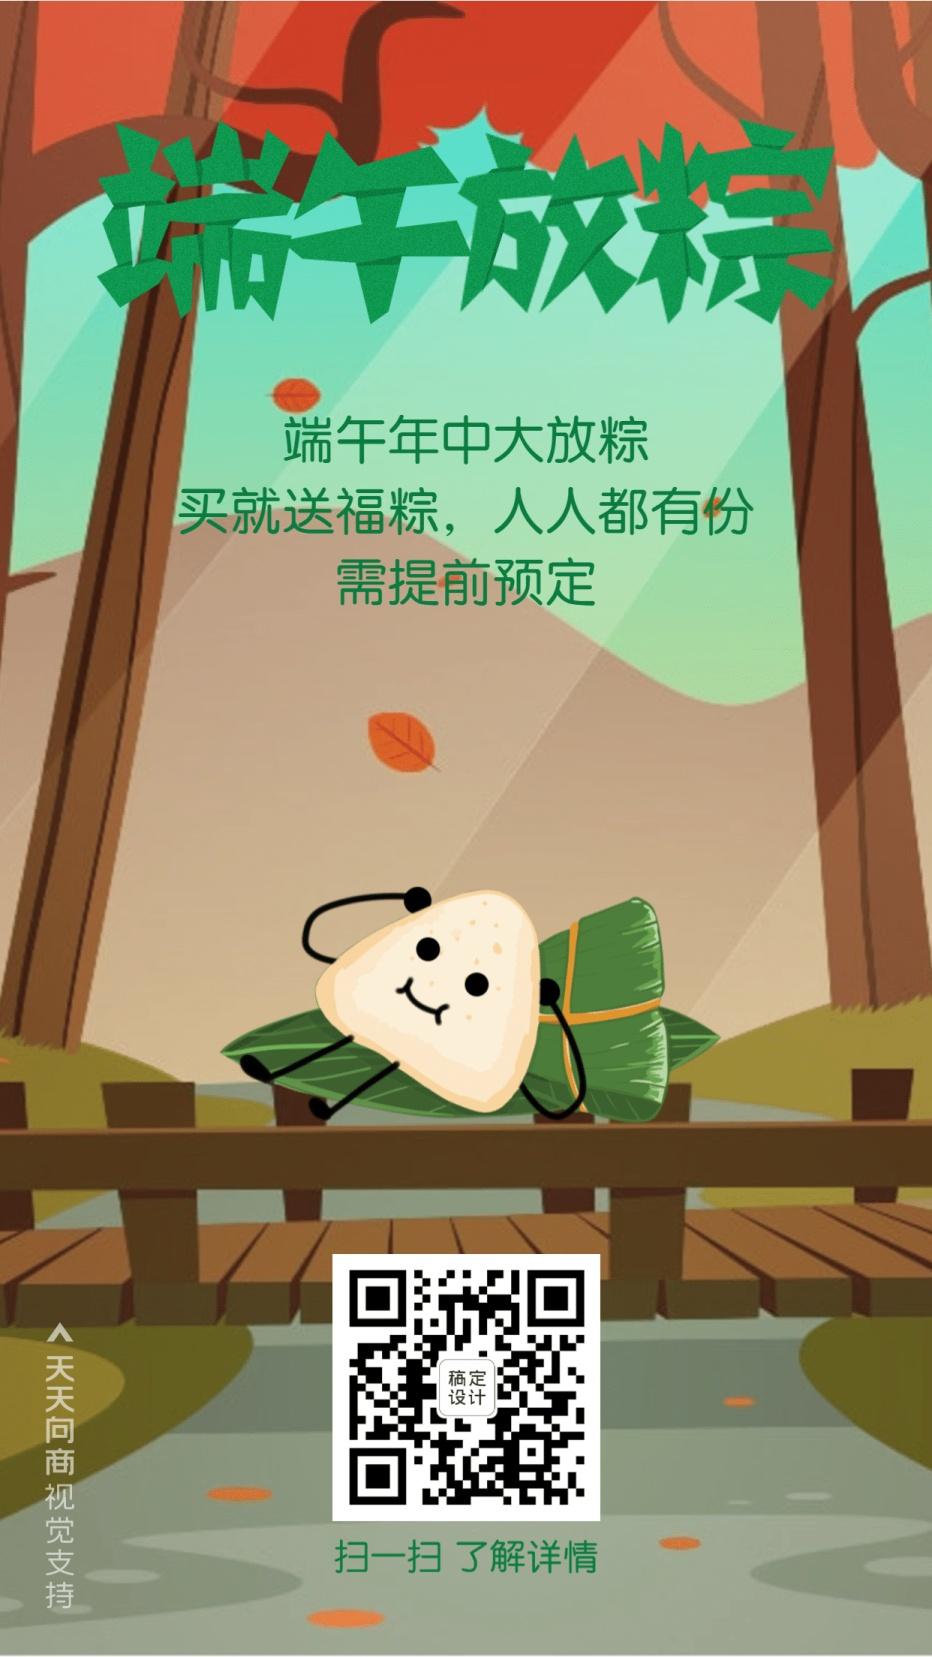 端午放粽传统节日促销